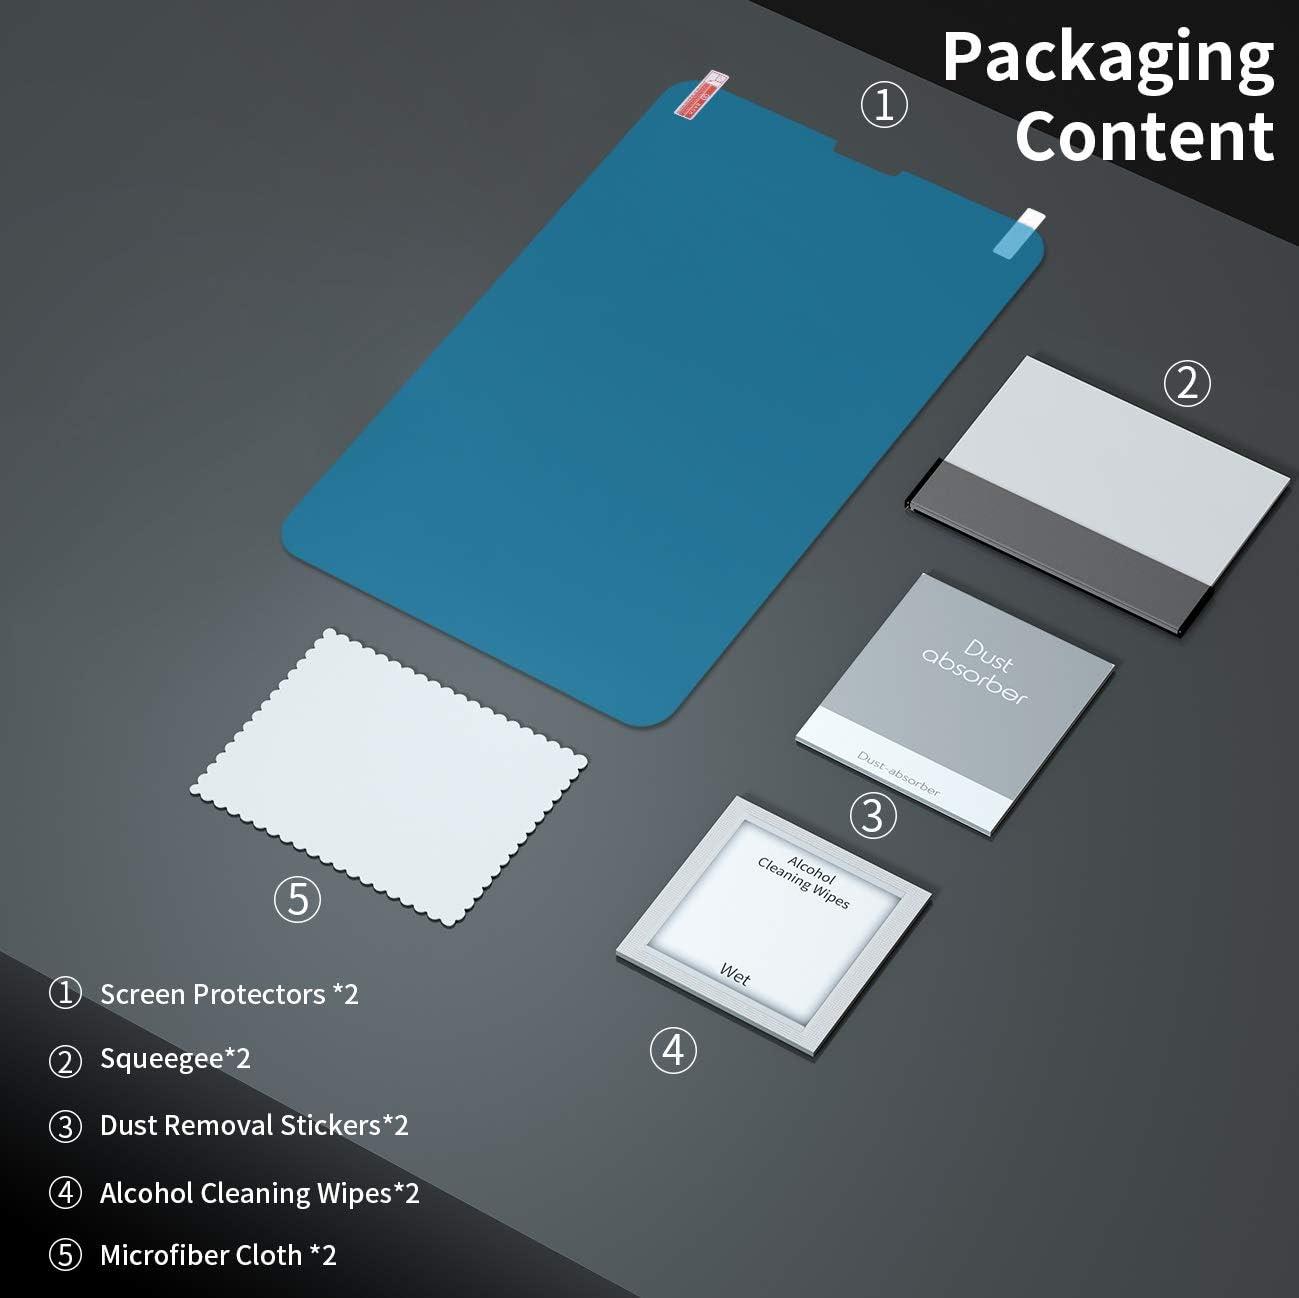 Ultra Slim Mat Protege Ecran Anti Reflet Film de Papier 2 pi/èces Parfaitement Dessiner et /Écrire avec Apple Pencil RIWNNI Protection /Écran pour iPad Air 4//iPad 10.9 2020//iPad Pro 11 2020//2018